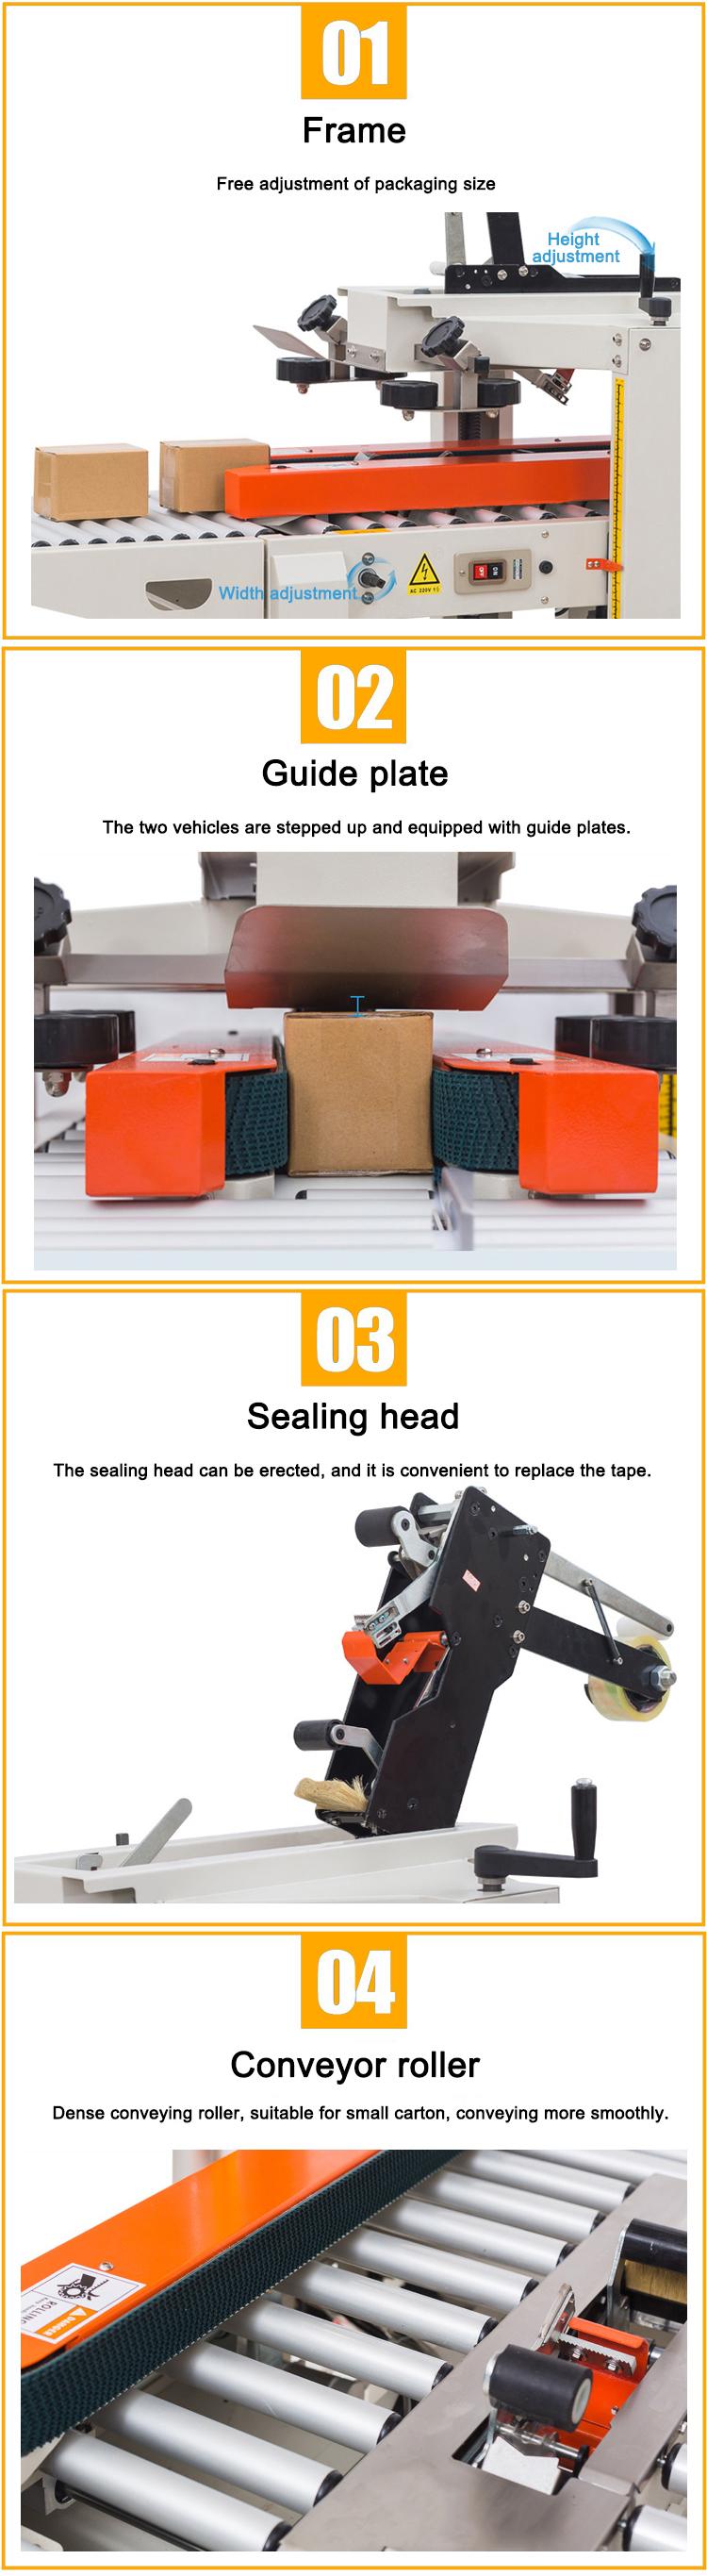 Myway ยี่ห้อ Easy อัตโนมัติ I shape กล่องด้านบนและด้านล่างรุ่น FX-50 สำหรับขายร้อน